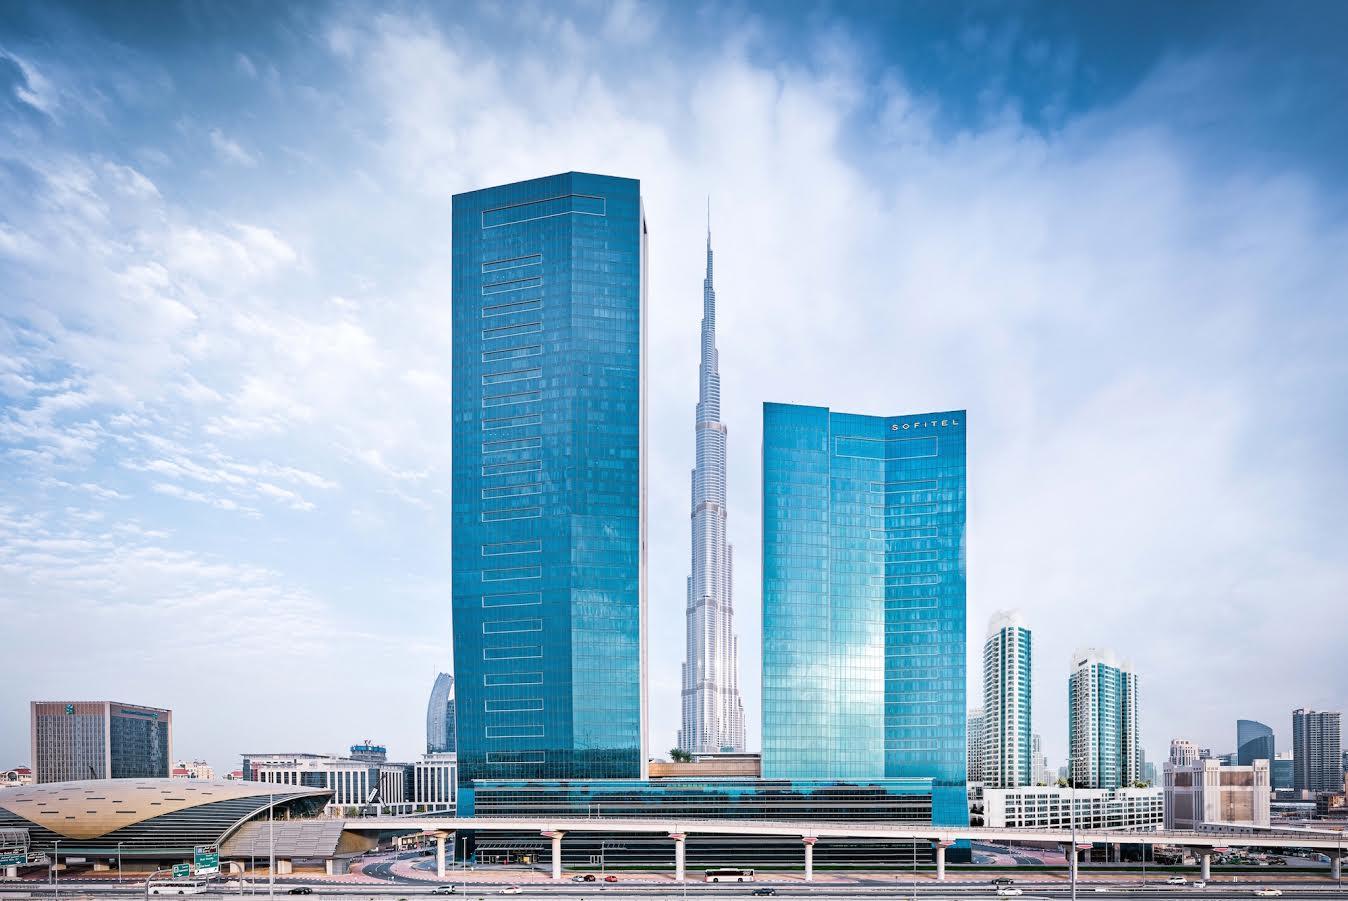 دبي تستضيف أول تجمع استغرامي في العالم بمجال التصميم